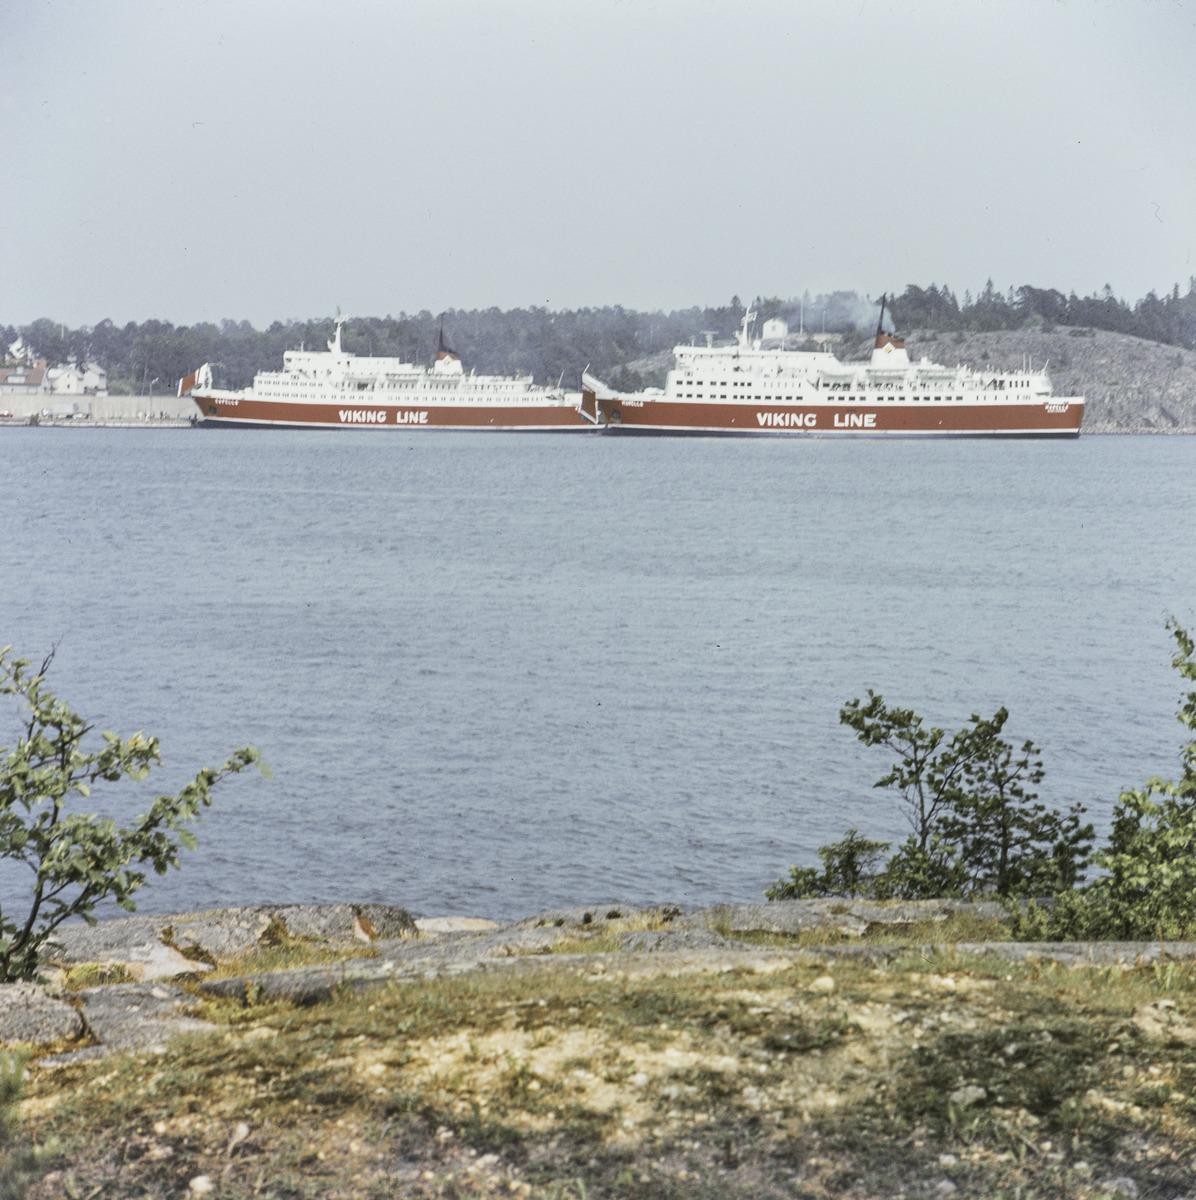 Passenger ships of Viking Line